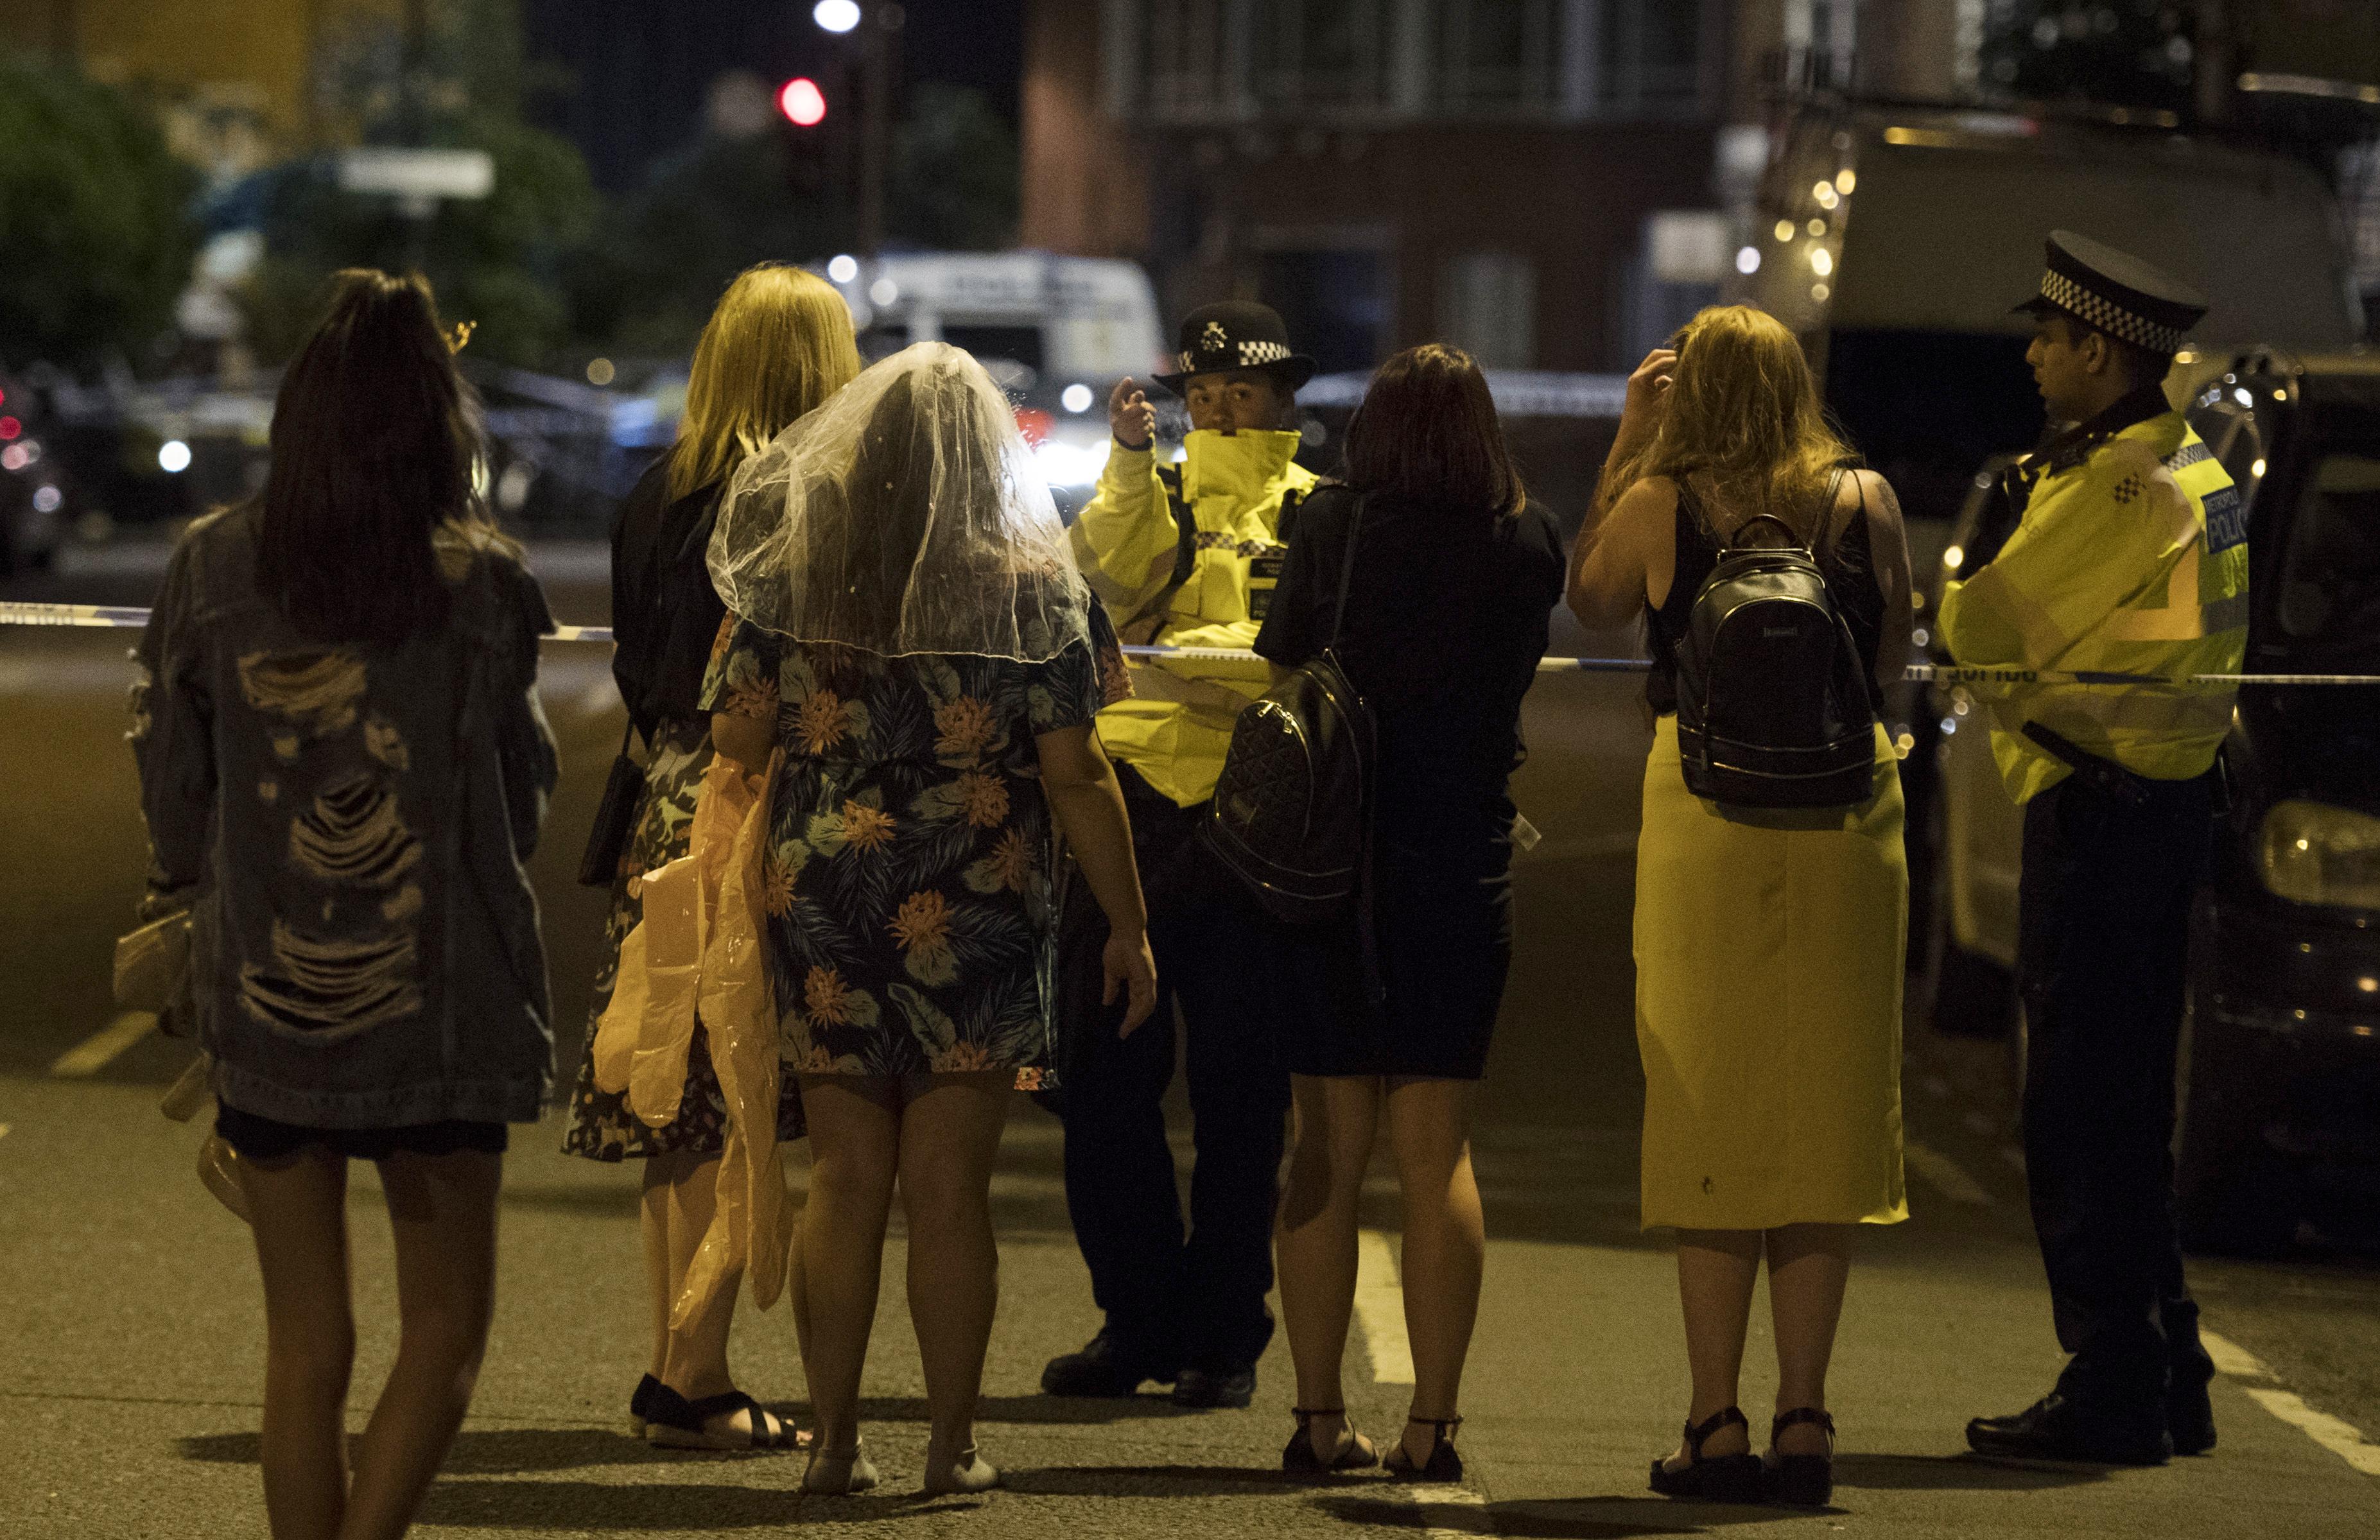 Atentat în Londra | Cum s-a desfășurat atacul terorist din capitala Marii Britanii. Tot ce se știe despre atentat